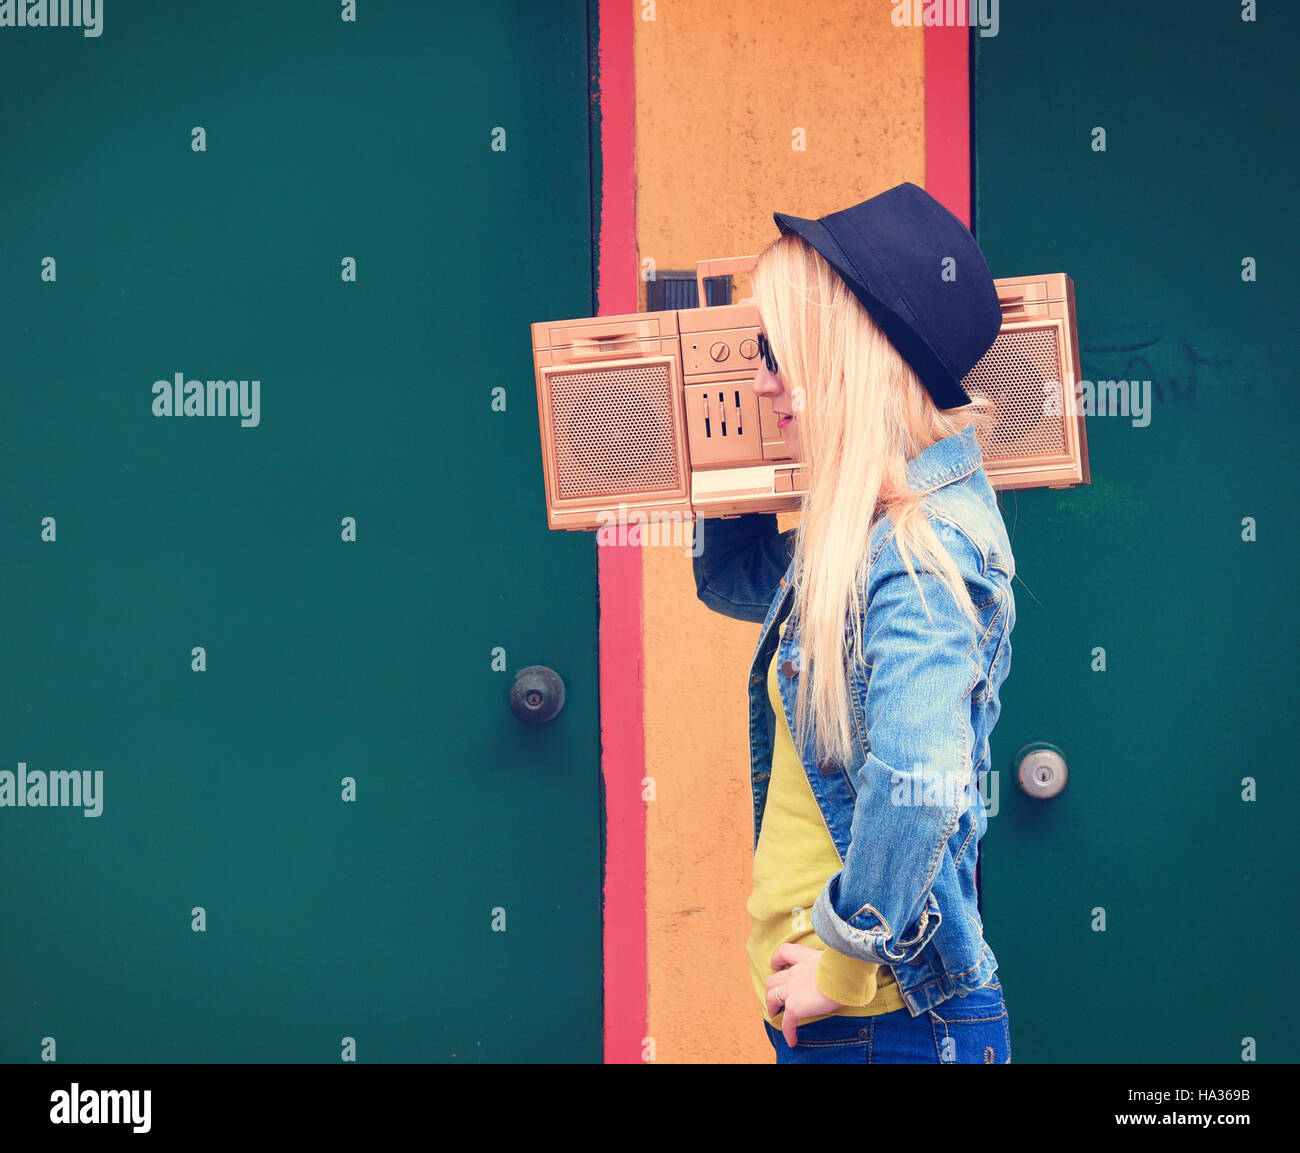 Eine blondes Hipster Mädchen mit Brille hört ein Vintage gold Boombox Radio mit Lautsprecher für eine Musik-Entertainment-Konzept. Stockfoto